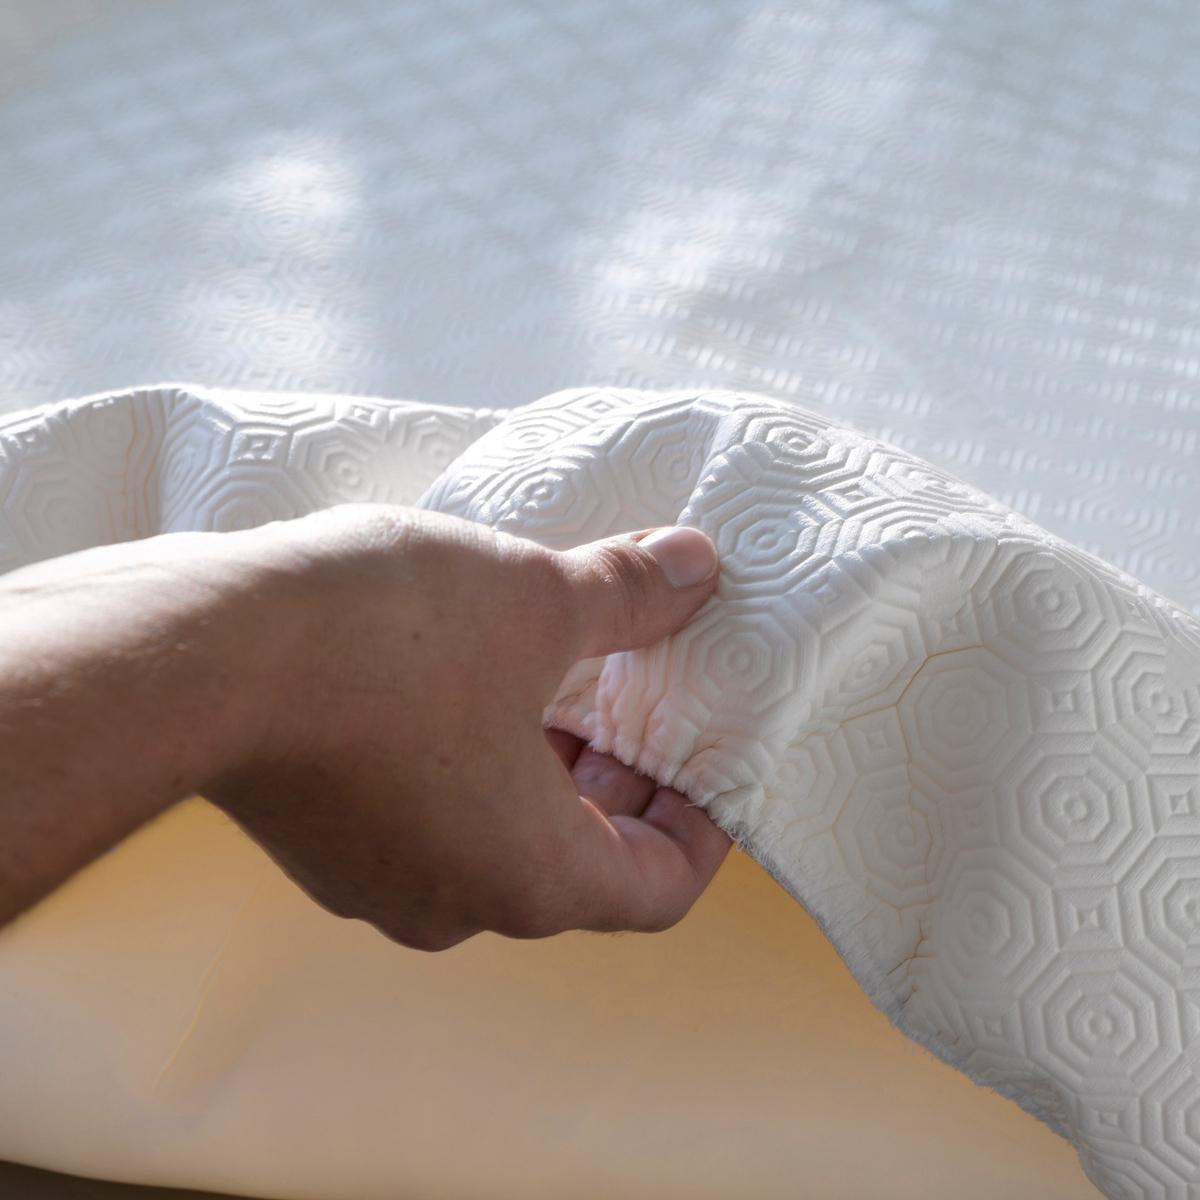 Чехол защитный белый для круглого столаЧехол защитный Caligomme® для круглого стола : очень практичен, легко закрепляется благодаря резинке по контуру и не скользит. Защищает от воздействия высокой температуры, ударов и скольжения. Очень практичен, легко закрепляется благодаря резинке по контуру и не скользит.Характеристики чехла защитного белого для круглого стола :- Чехол для стола Caligomme® : 74% пеноматериала из ПВХ, 20% покрытия из ПВХ и 6% текстильной основы- Толщина 2 мм.- Отделка шнуром- Чистится при помощи влажной губки. Размеры чехла. Наши рекомендации :- Круглый 110/125 : для столешницы диаметром 110- Круглый 130/145 : для столешницы диаметром 145<br><br>Цвет: белый